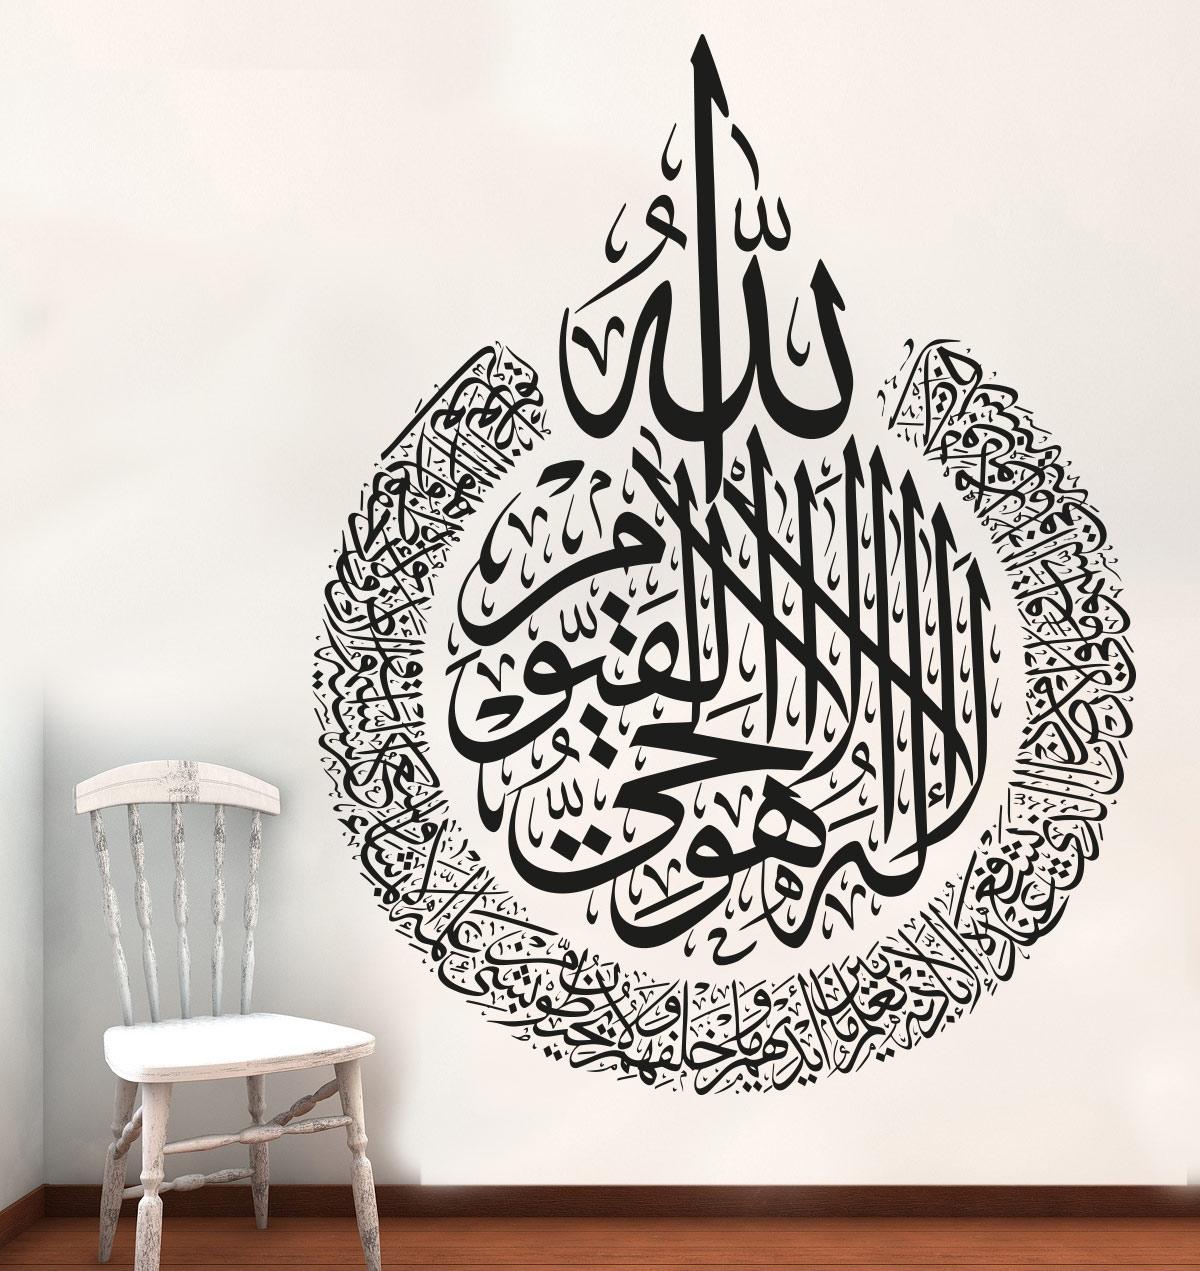 Islamische Wandtattoo - Ayat Alkursi Rund - Der Thronvers - Höchste Form der Kalligraphie